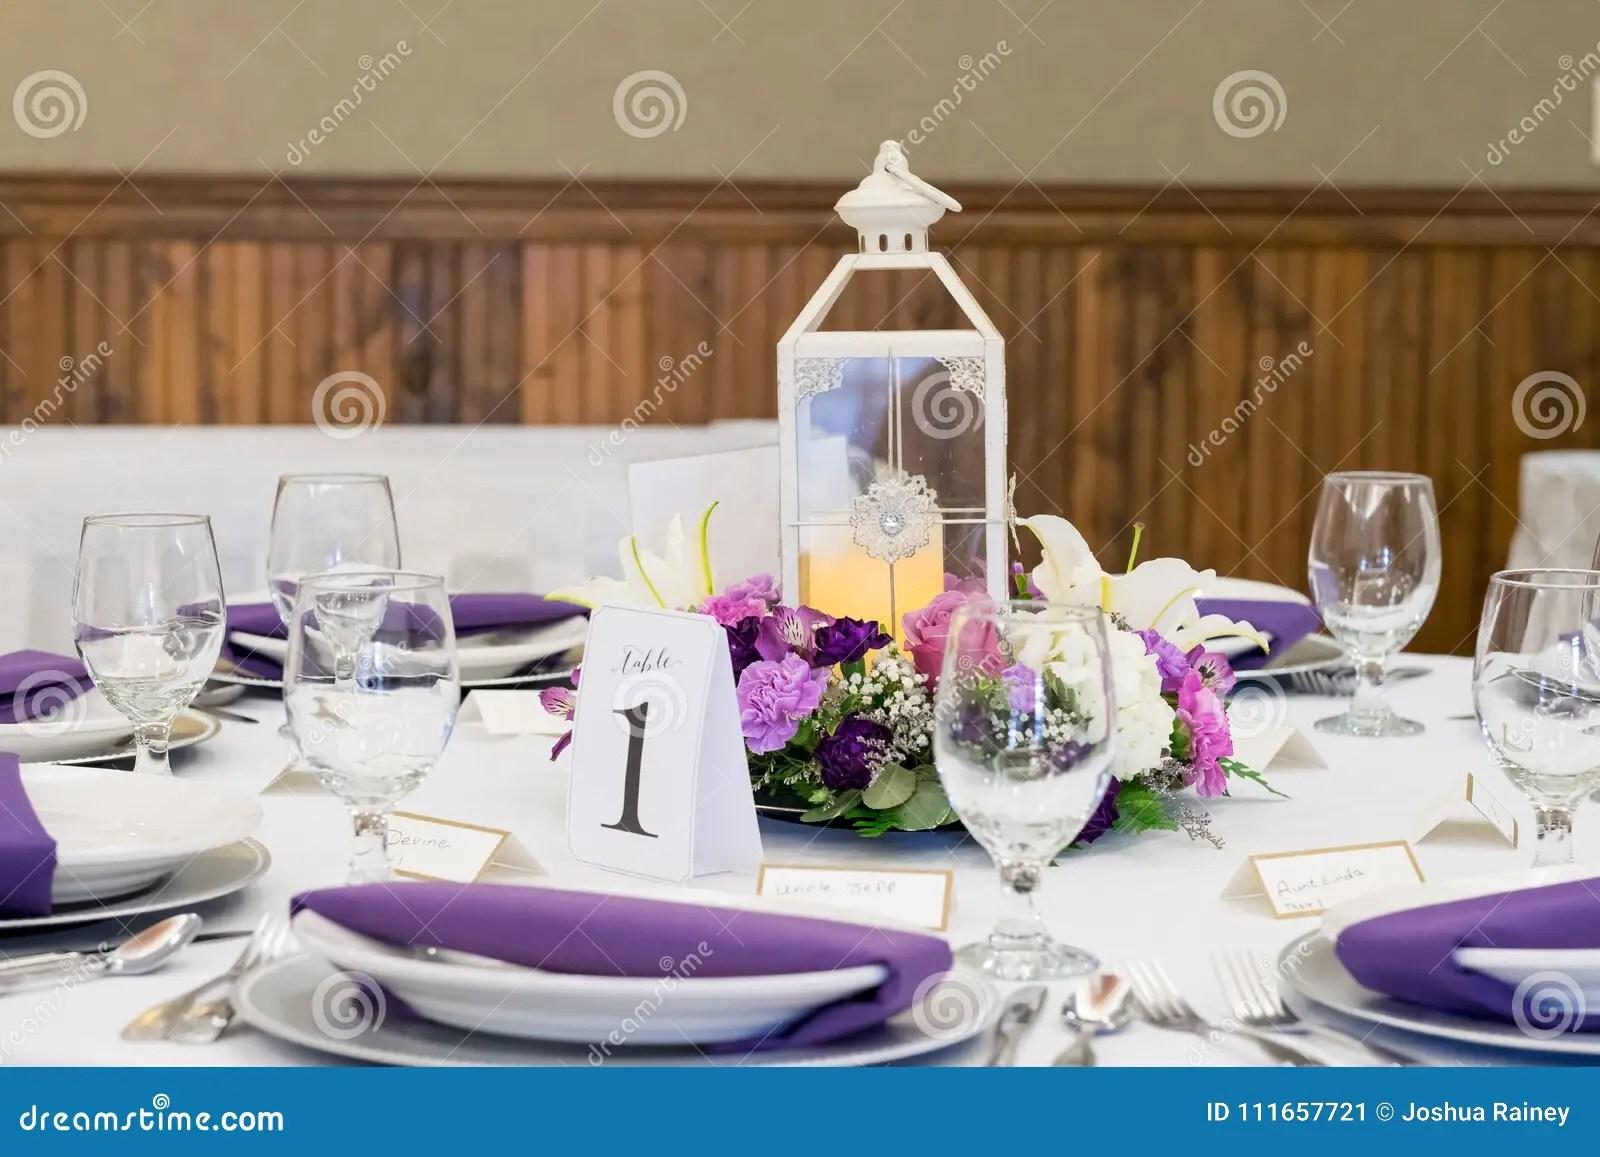 candle lantern wedding reception